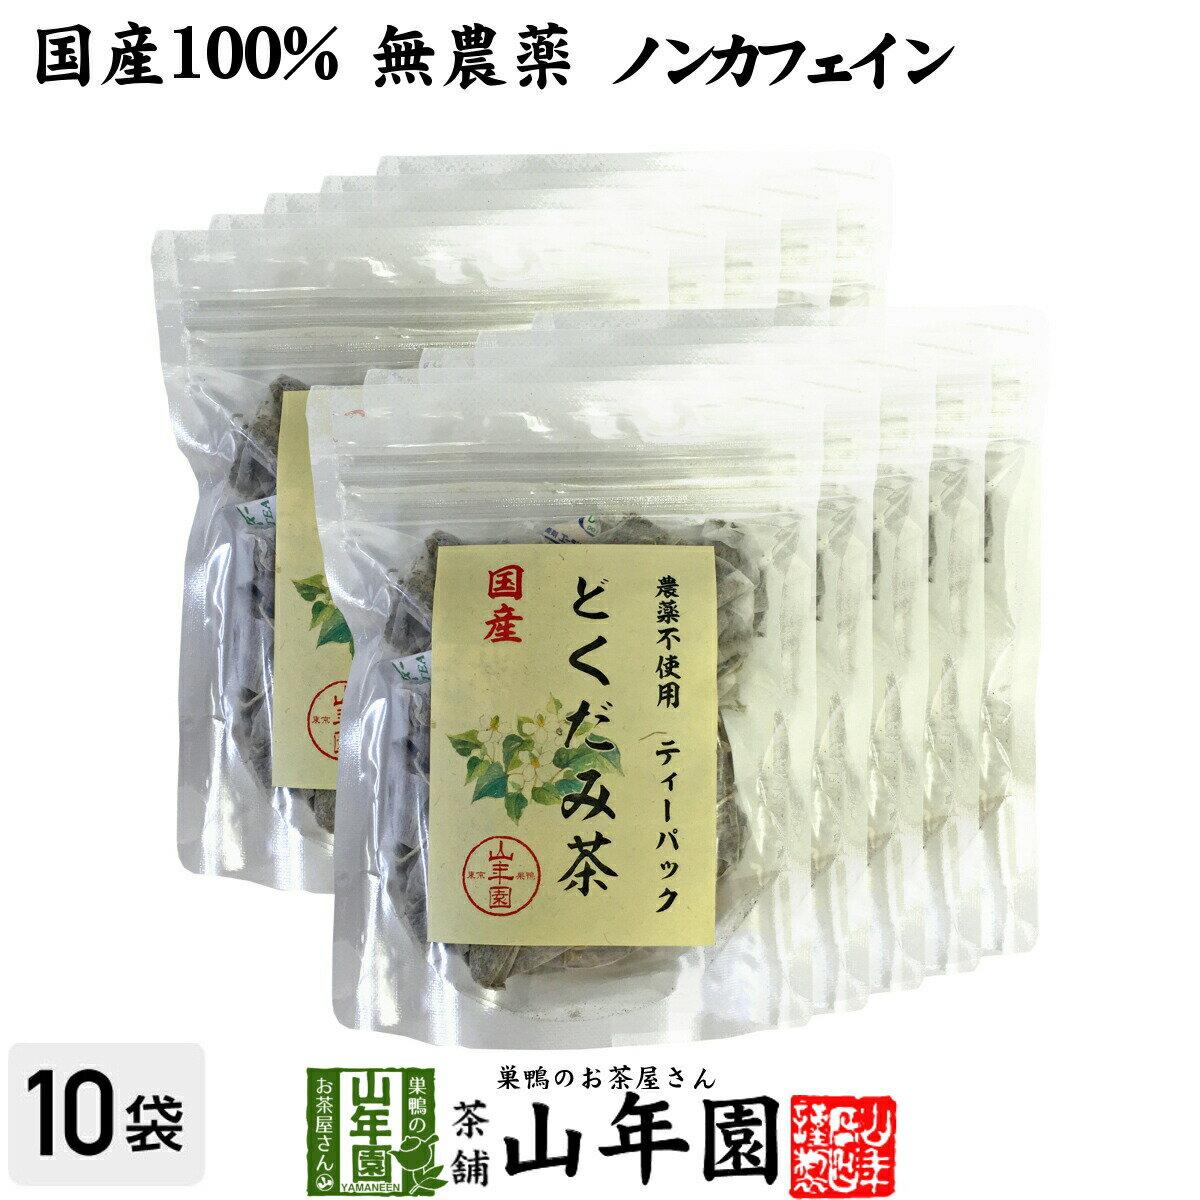 茶葉・ティーバッグ, 植物茶 100 1.5g2010 2020